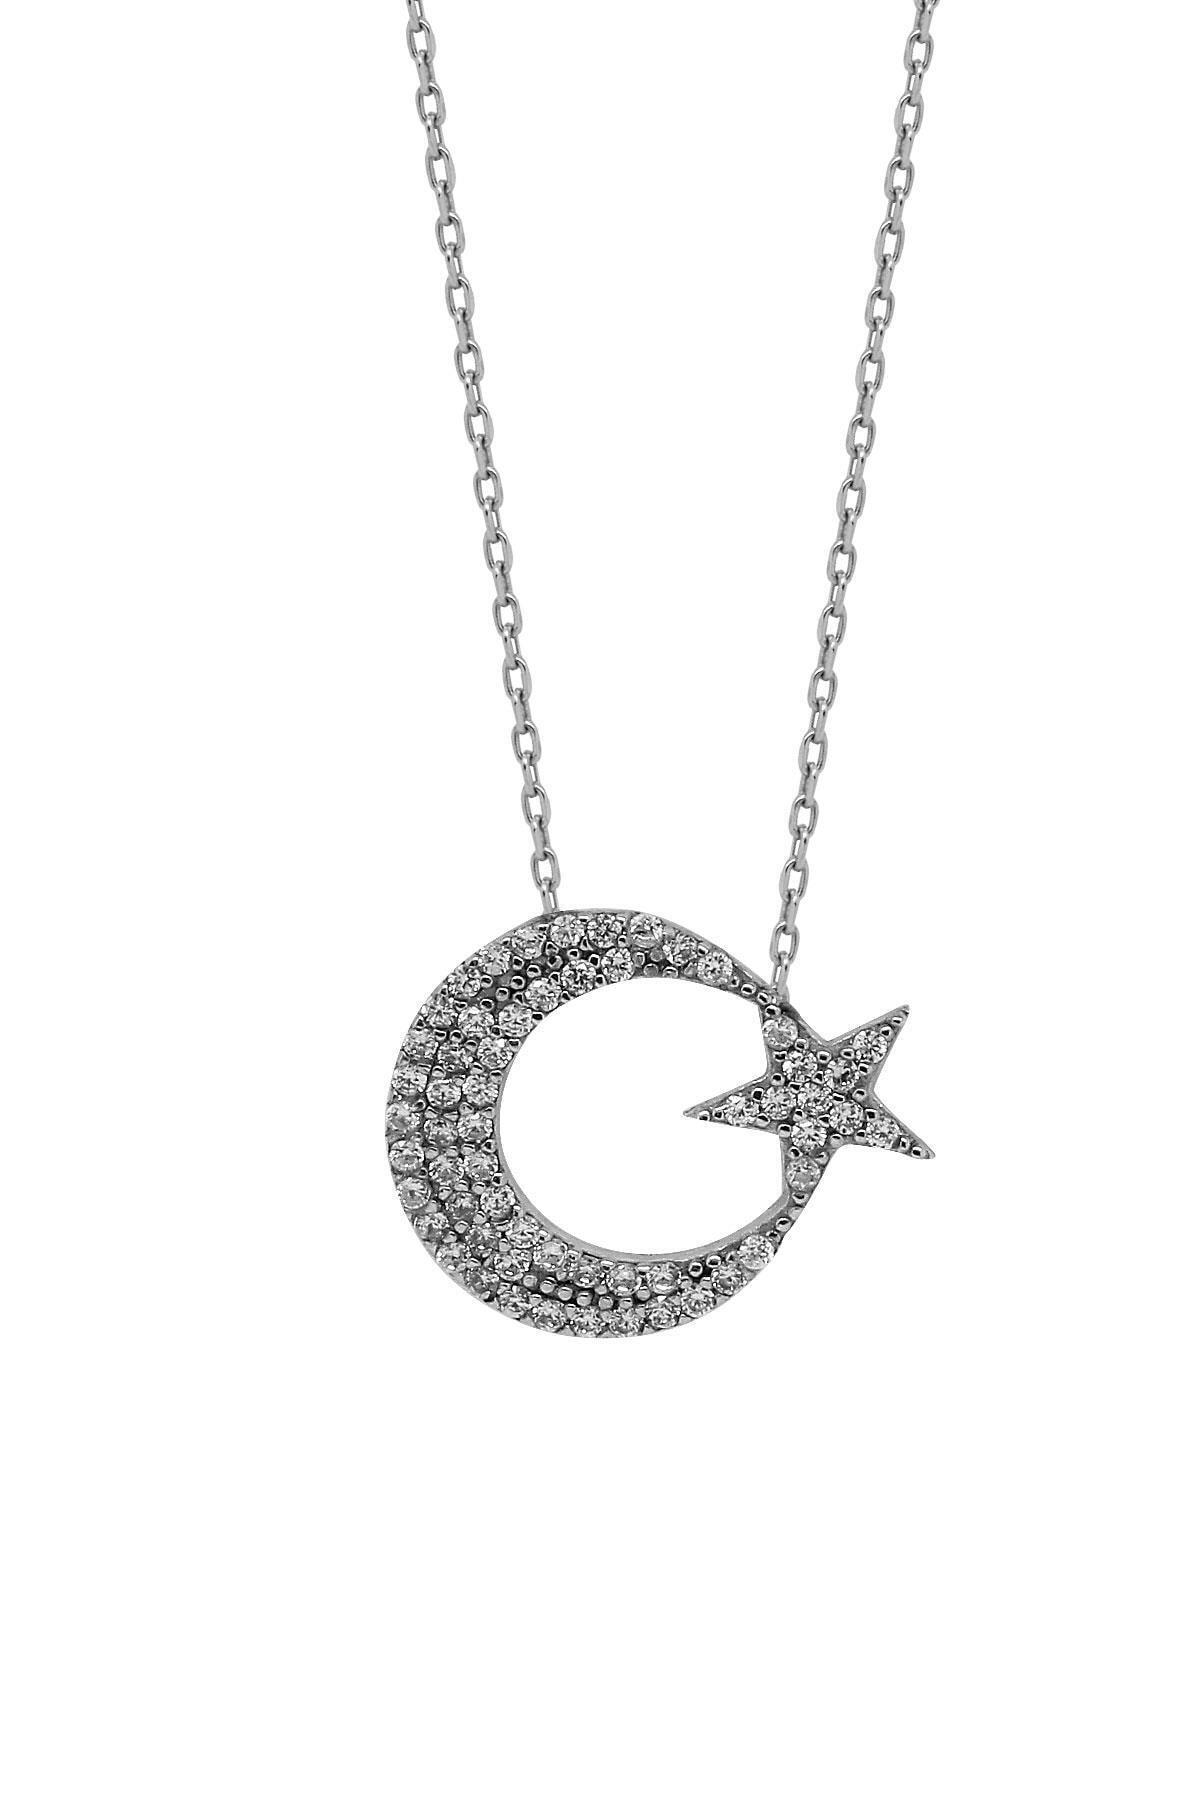 Hyde Park Hydepark Gümüş Taşlı Ay Yıldız Kolye 44k2kly0222002319 1